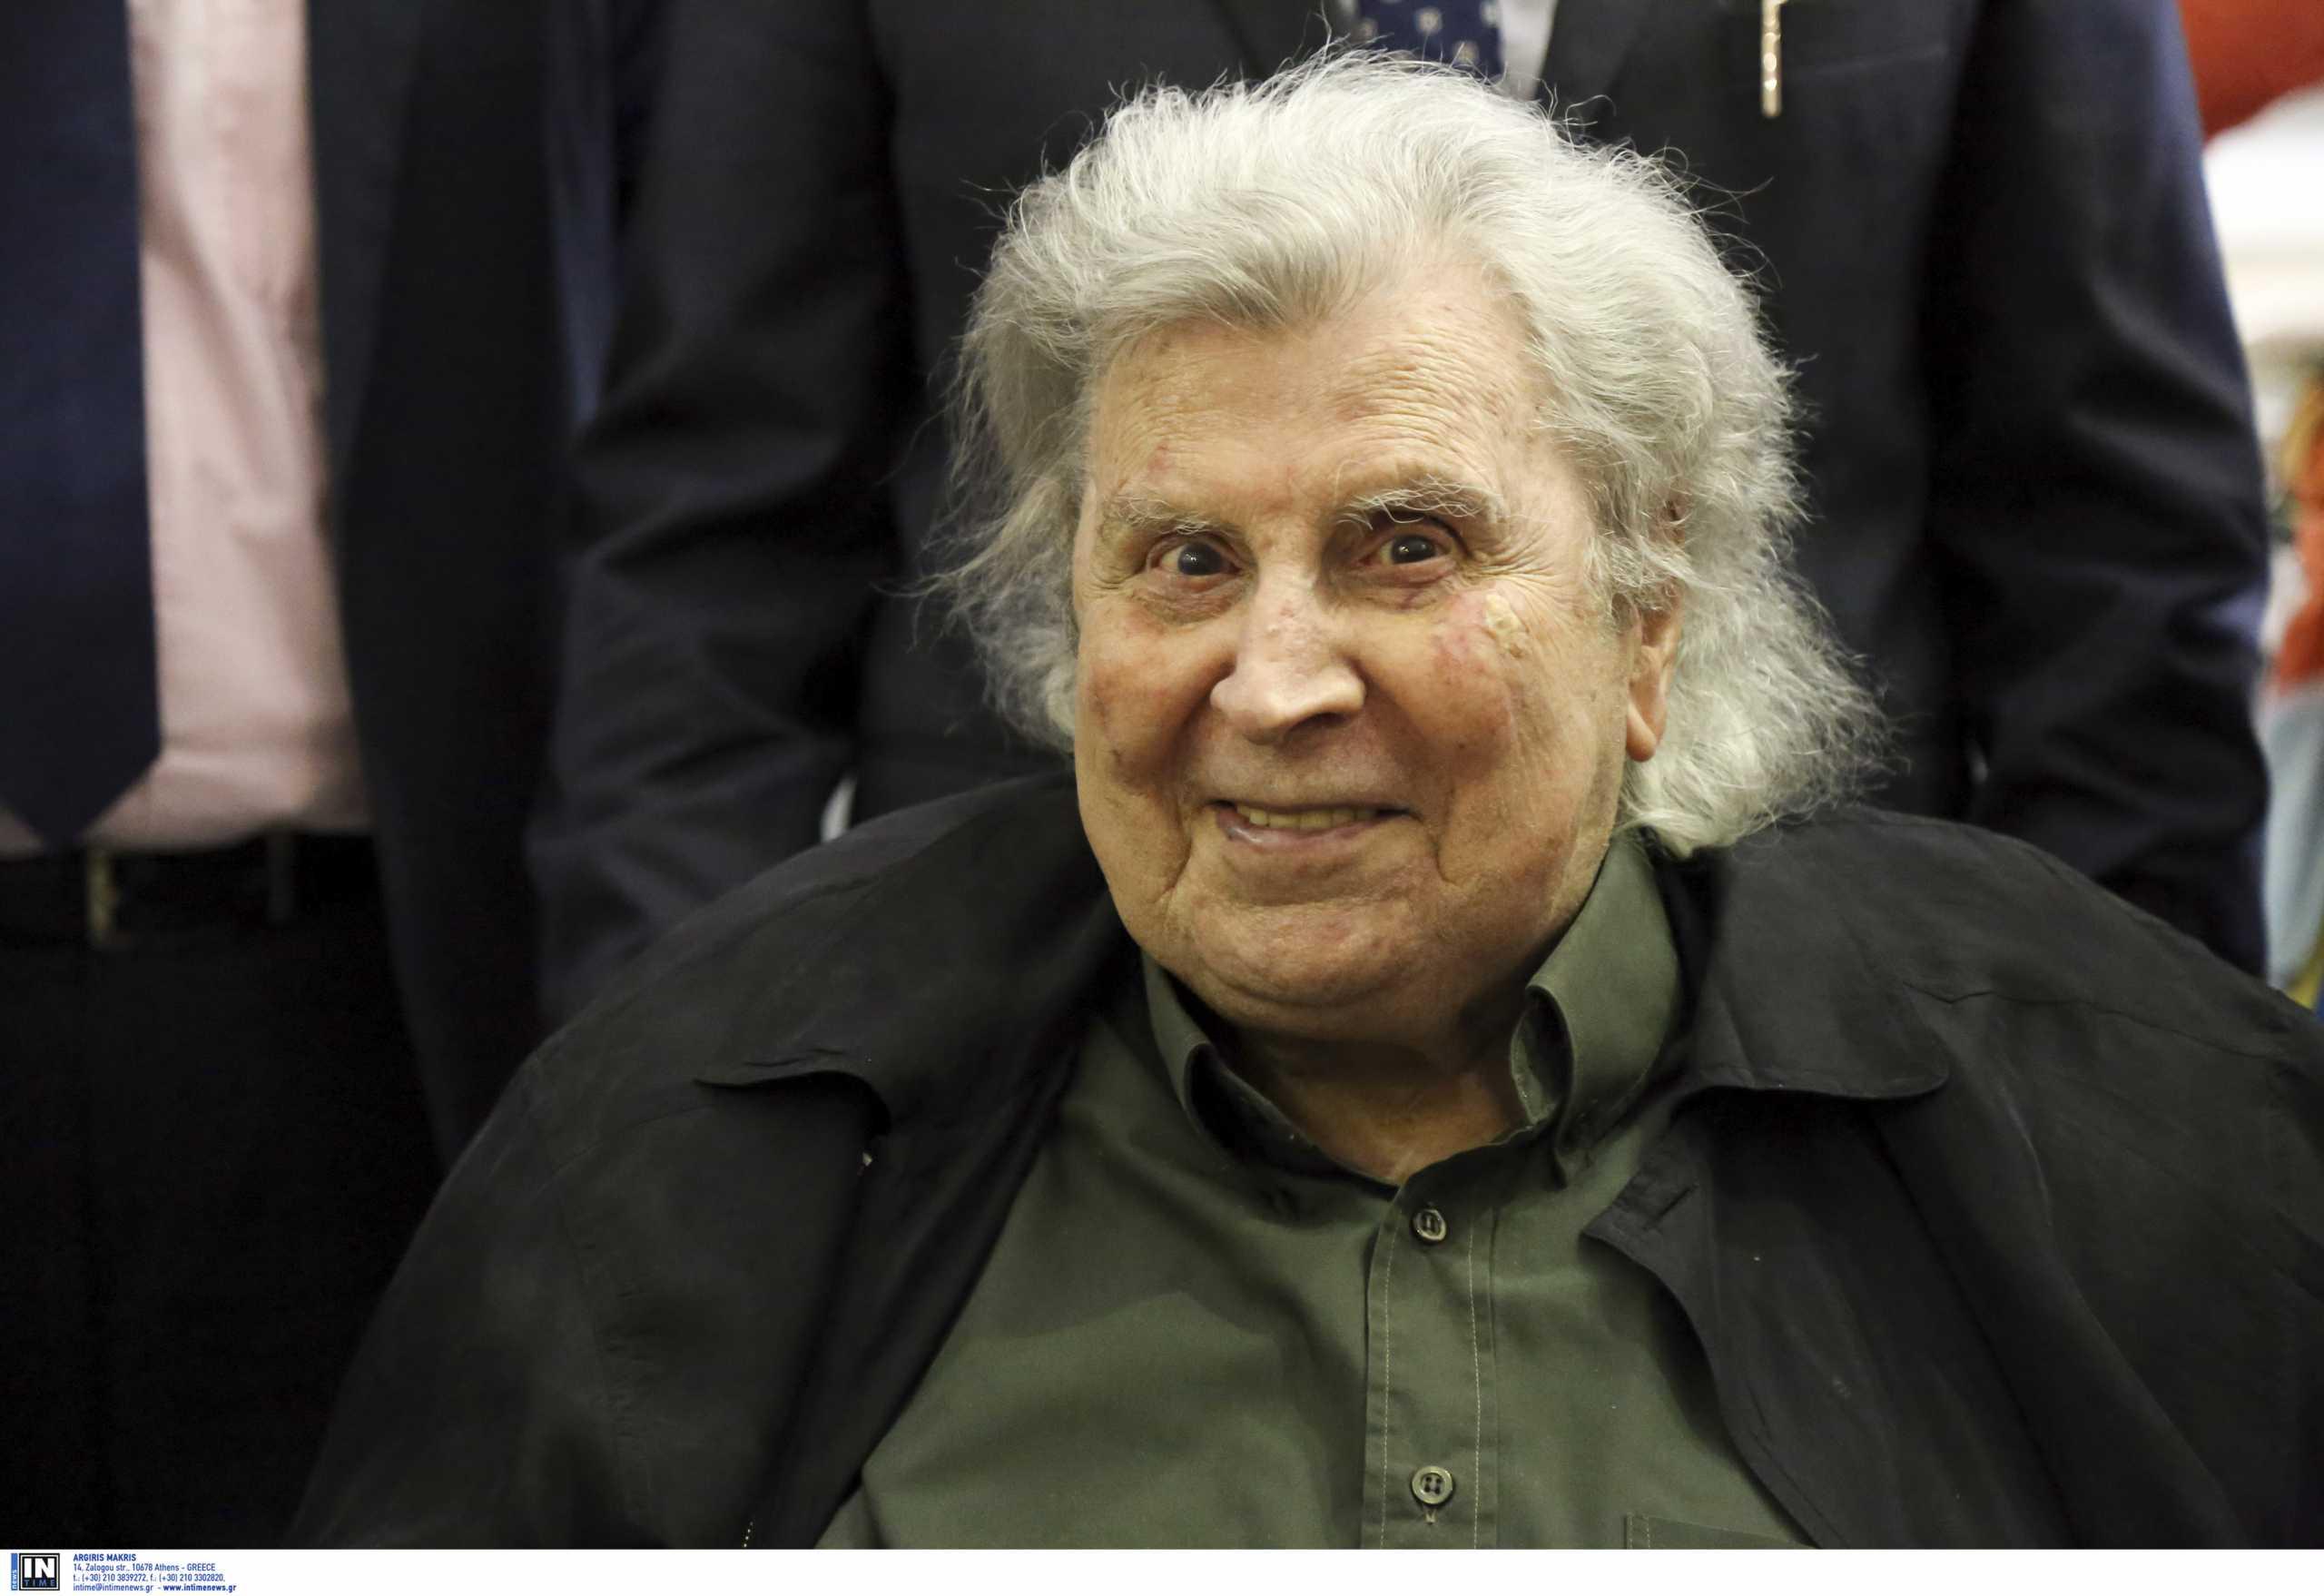 Μίκης Θεοδωράκης: Ο καλλιτεχνικός κόσμος αποχαιρετά τον τεράστιο μουσικοσυνθέτη